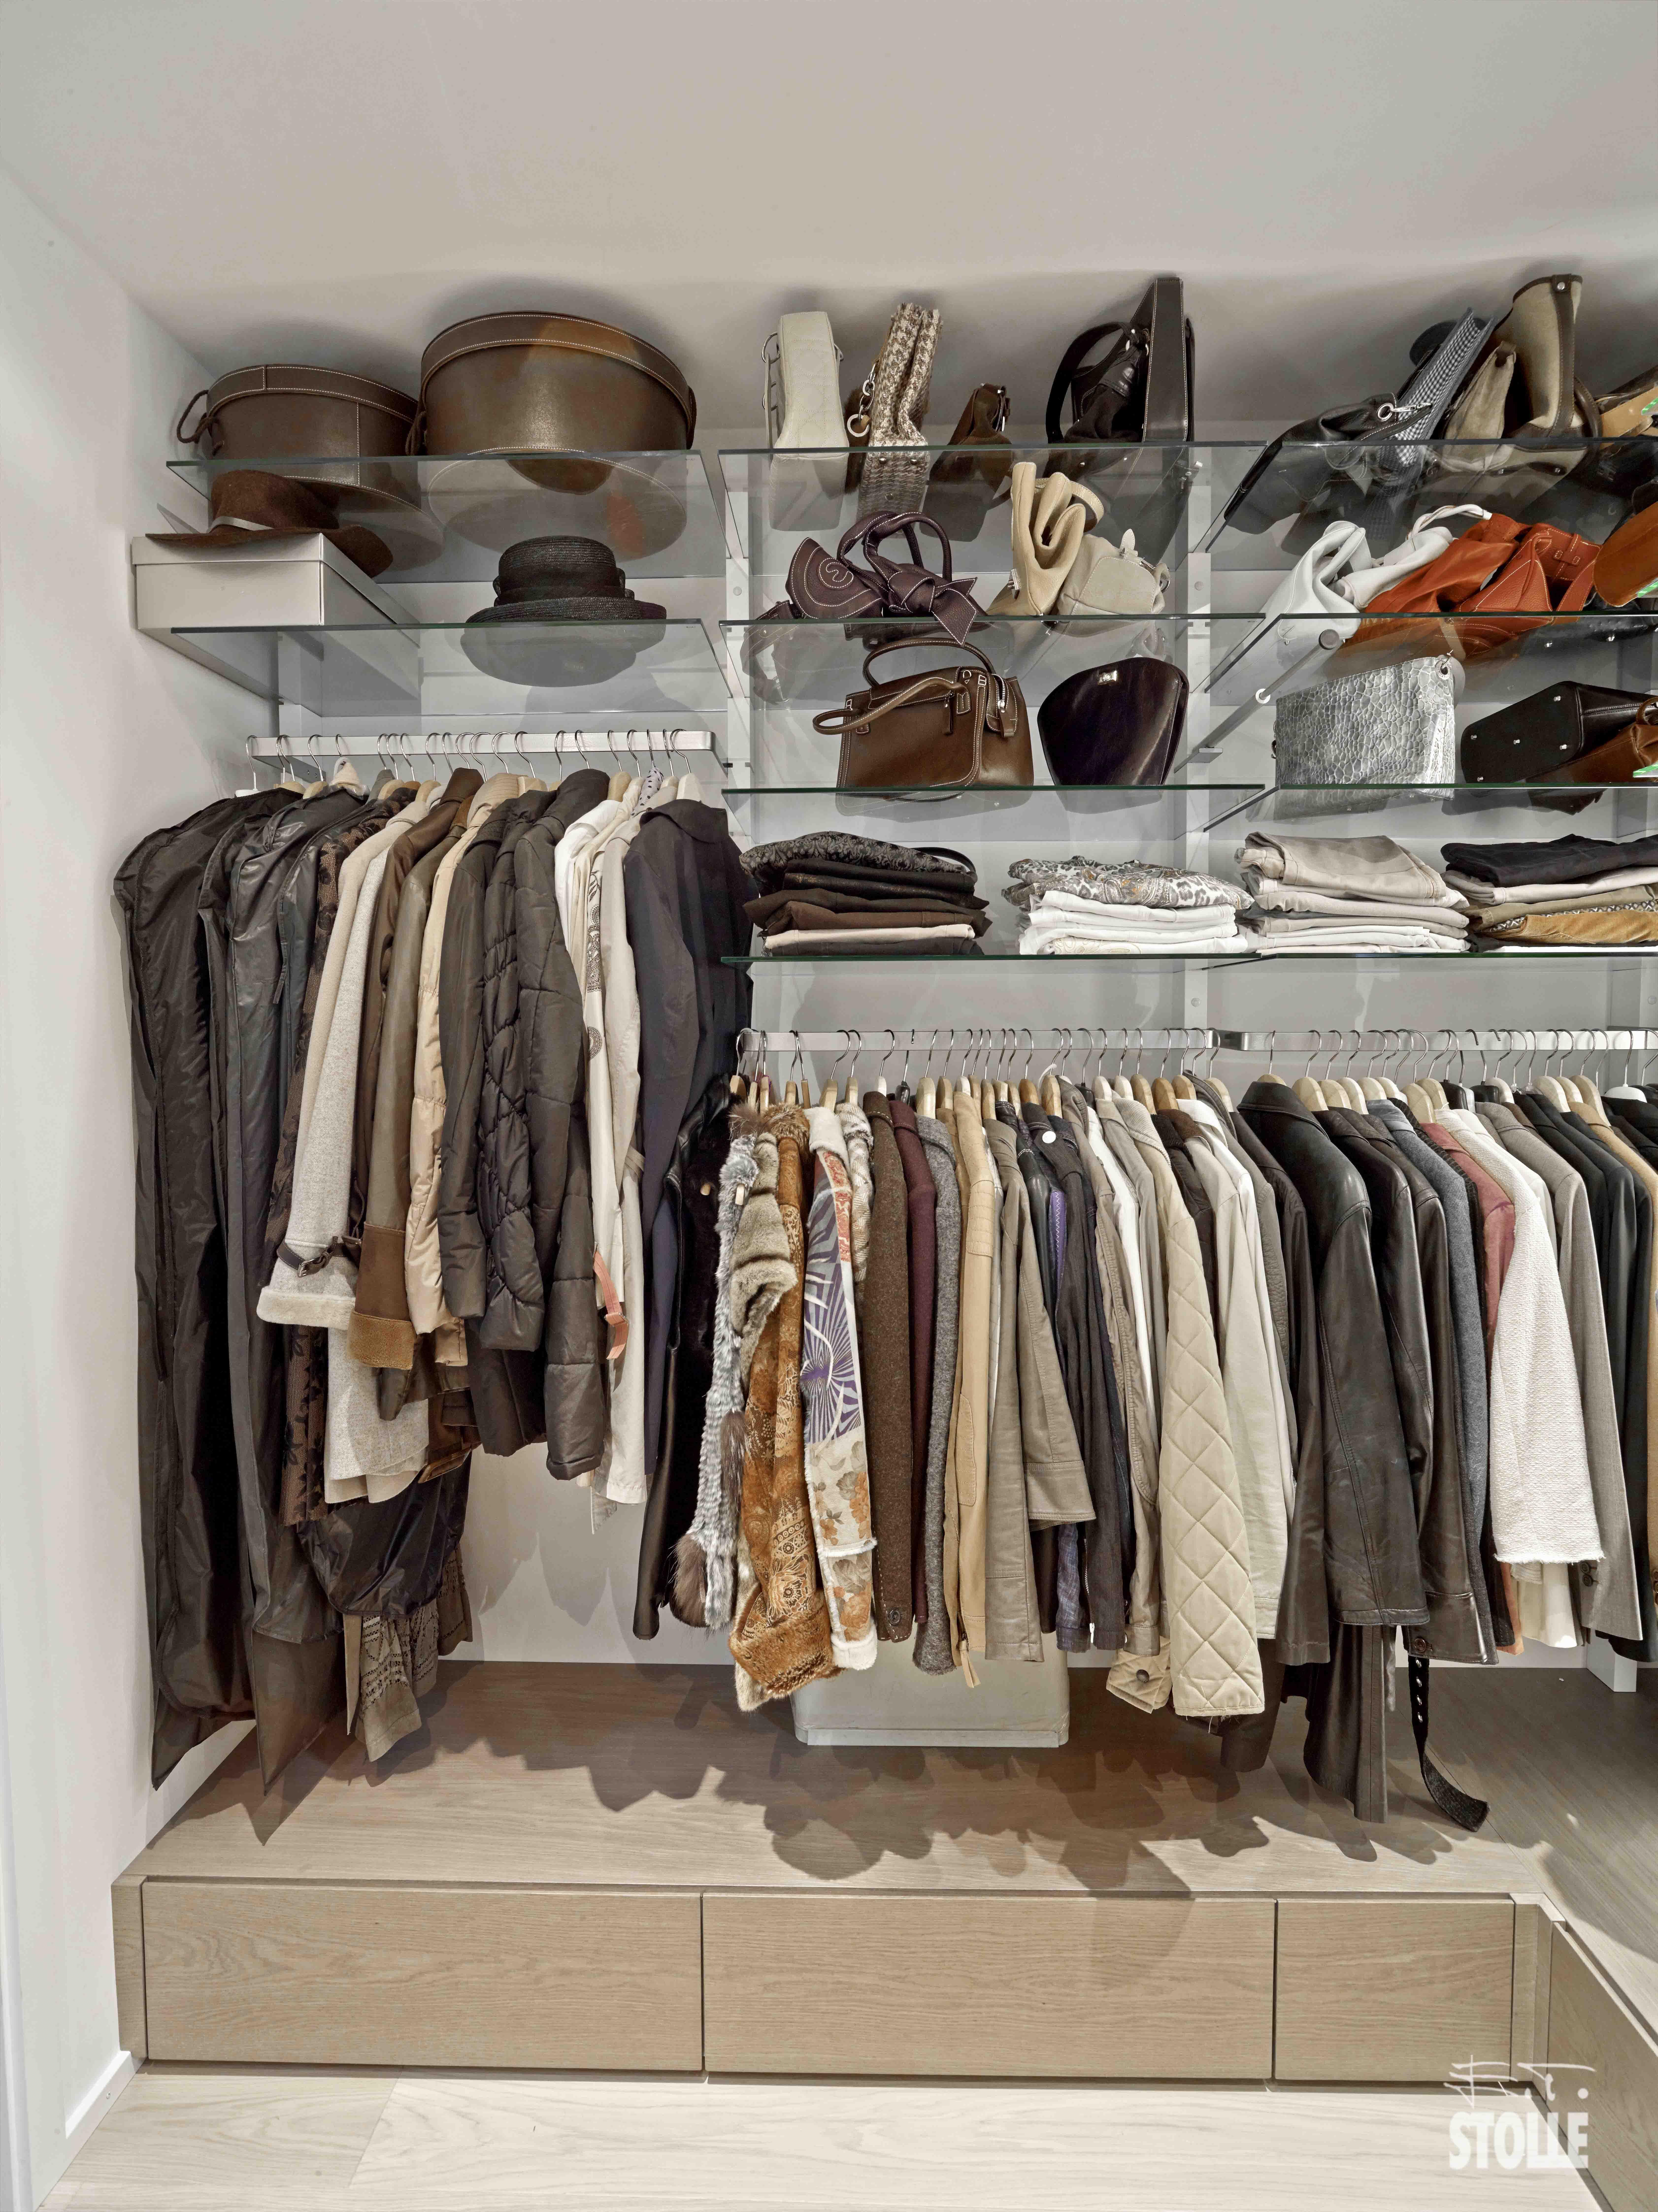 das perfekte ankleidezimmer so planst du es richtig do it yourself ideen. Black Bedroom Furniture Sets. Home Design Ideas